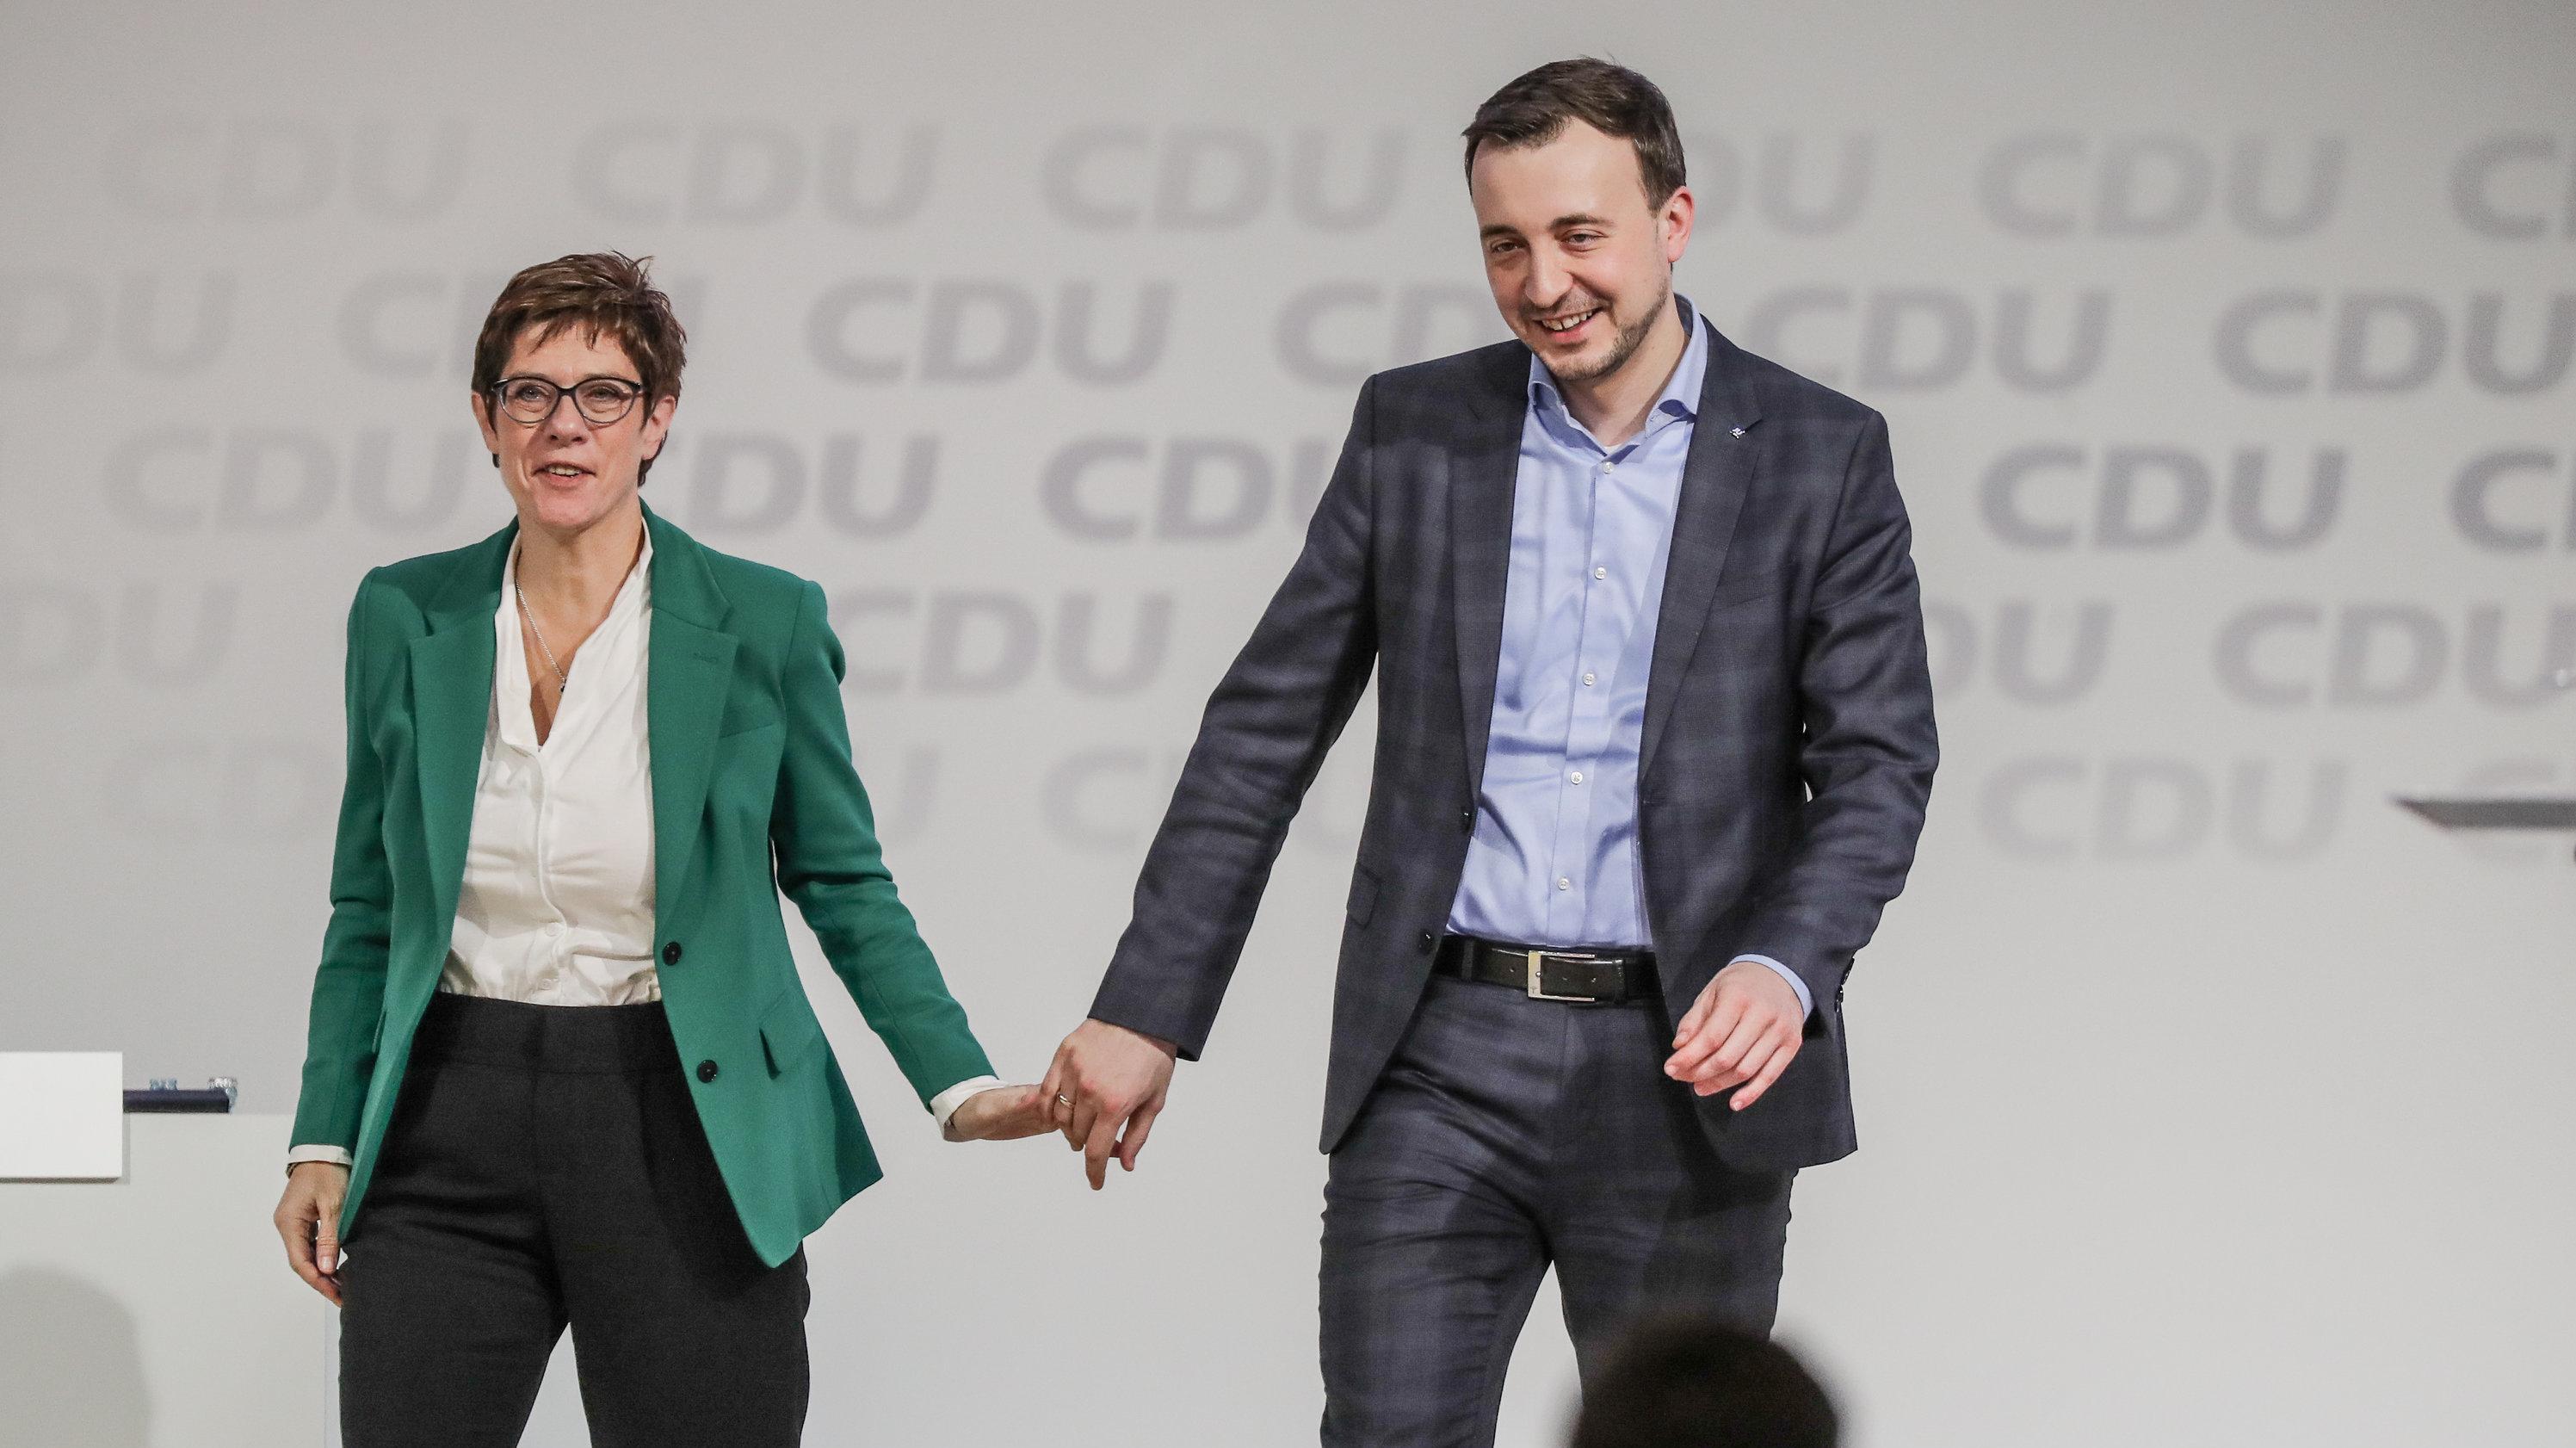 CDU_ Die neue CDU-Chefin Kramp-Karrenbauer steht zusammen mit dem neuen Generalsekretär der Partei, Ziemiak.